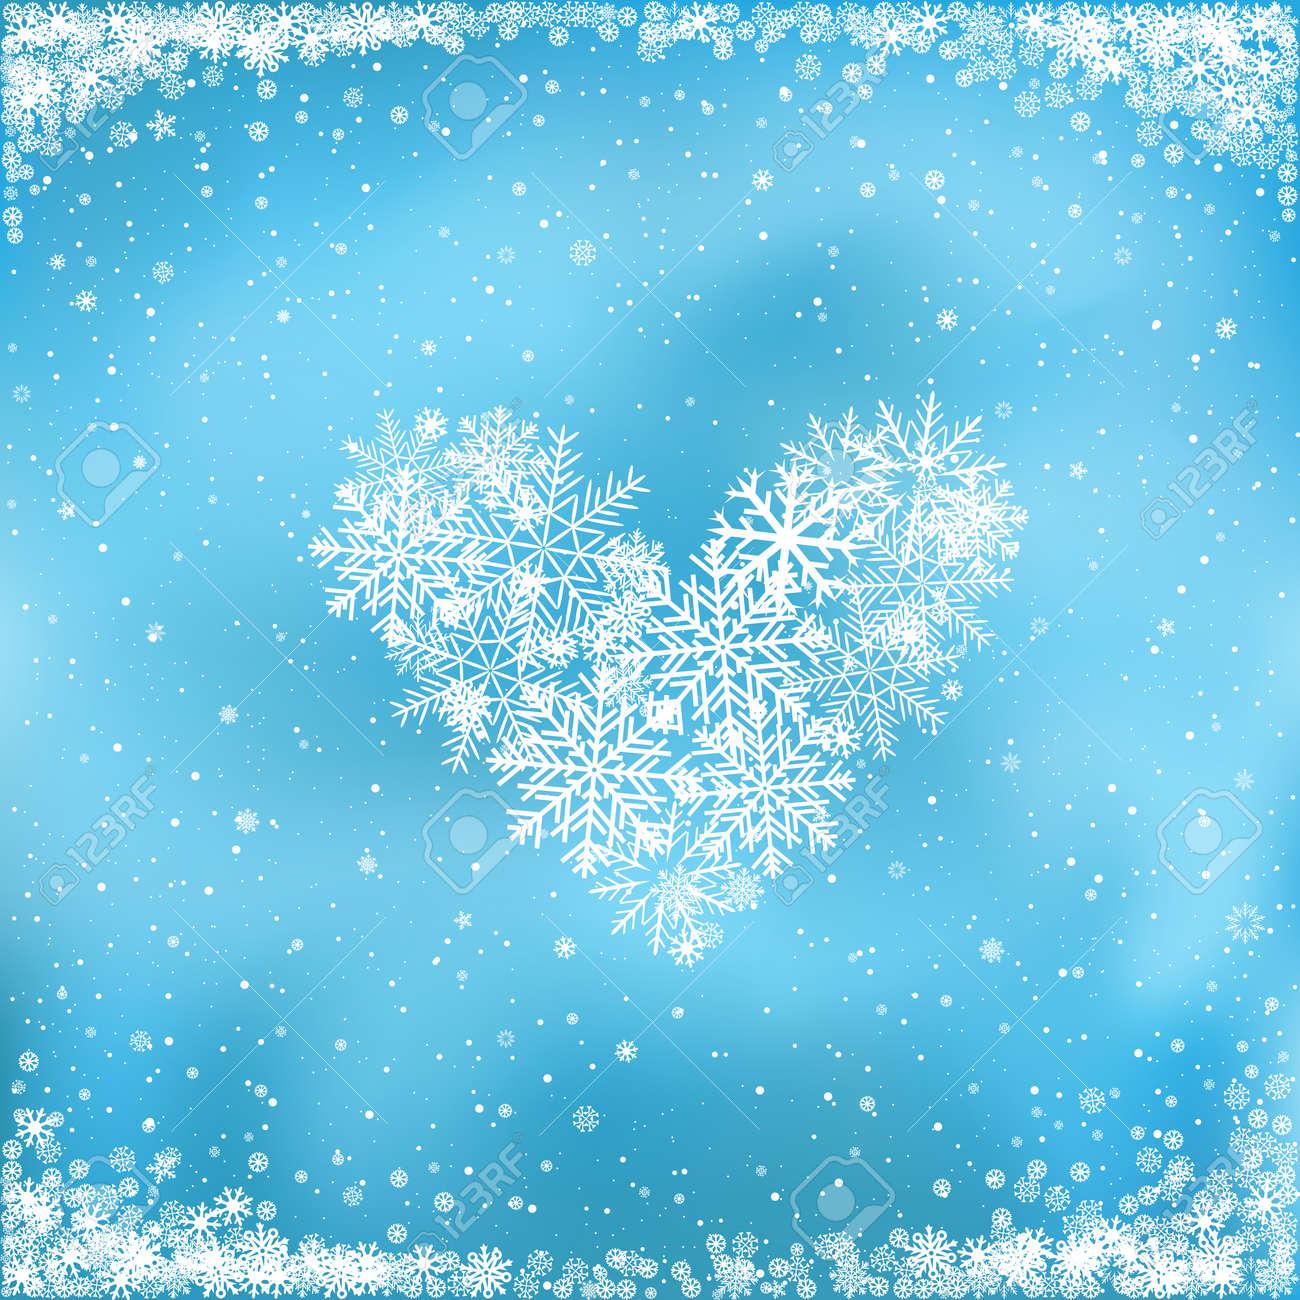 Liebe Weihnachten. Der Fallende Weiße Schnee Macht Das Herz Auf ...